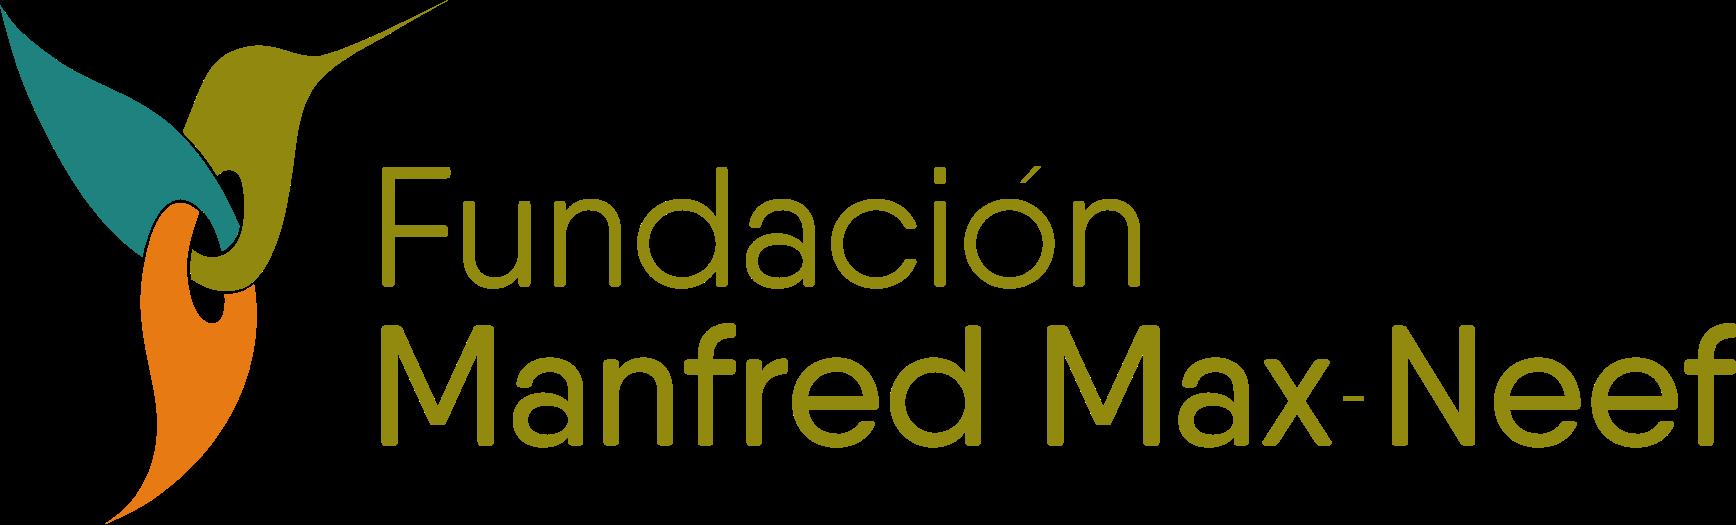 Fundación Manfred Max Neef